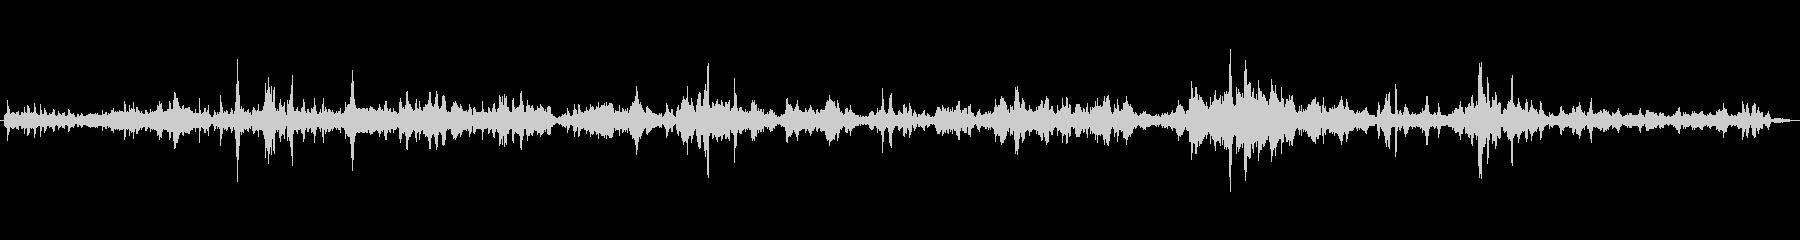 群集 ワラ・サッド・ロング01の未再生の波形